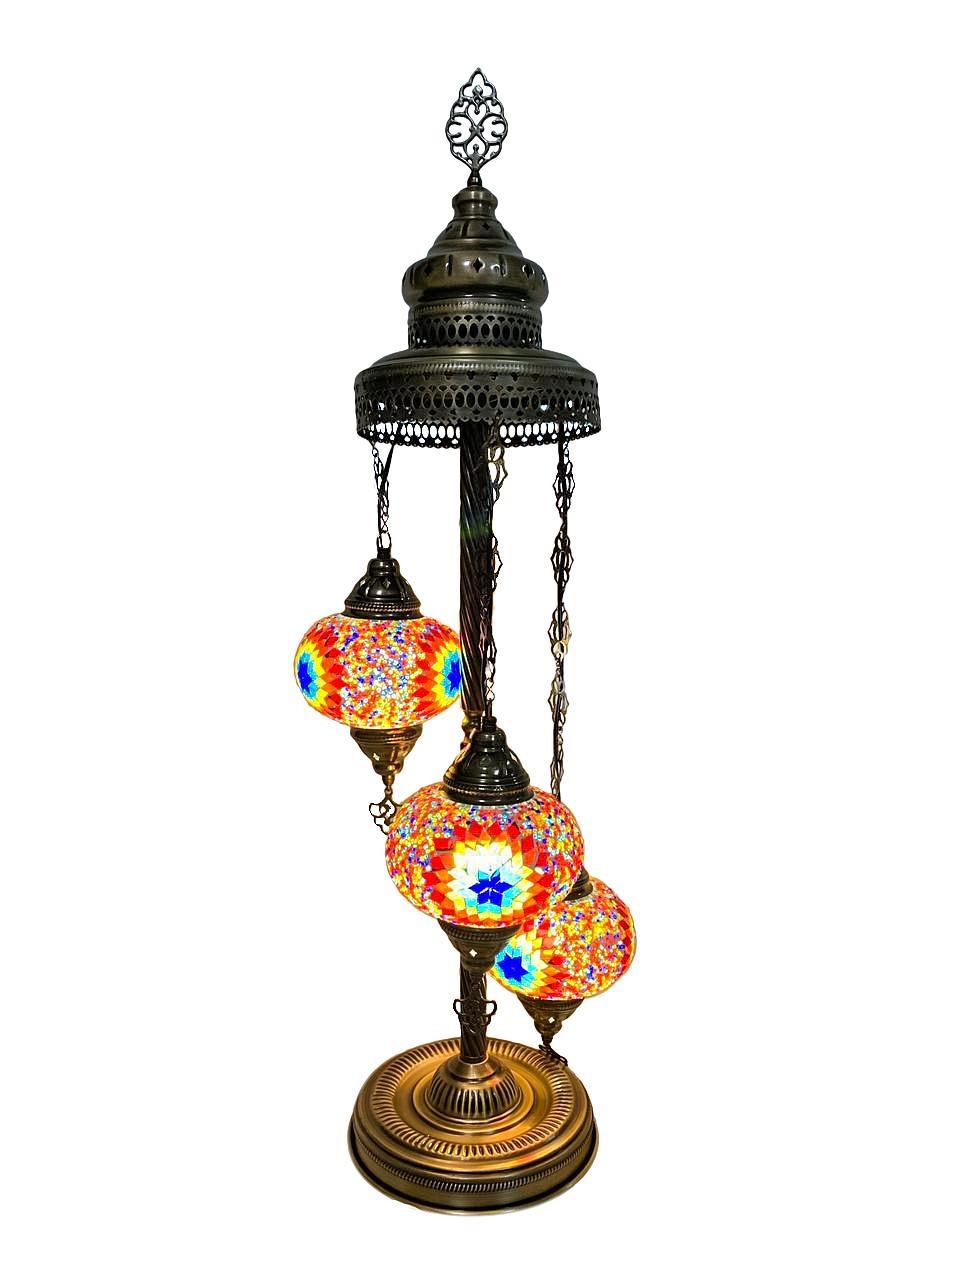 Напольный турецкий светильник Sinan из мозаики ручной работы цветной 5